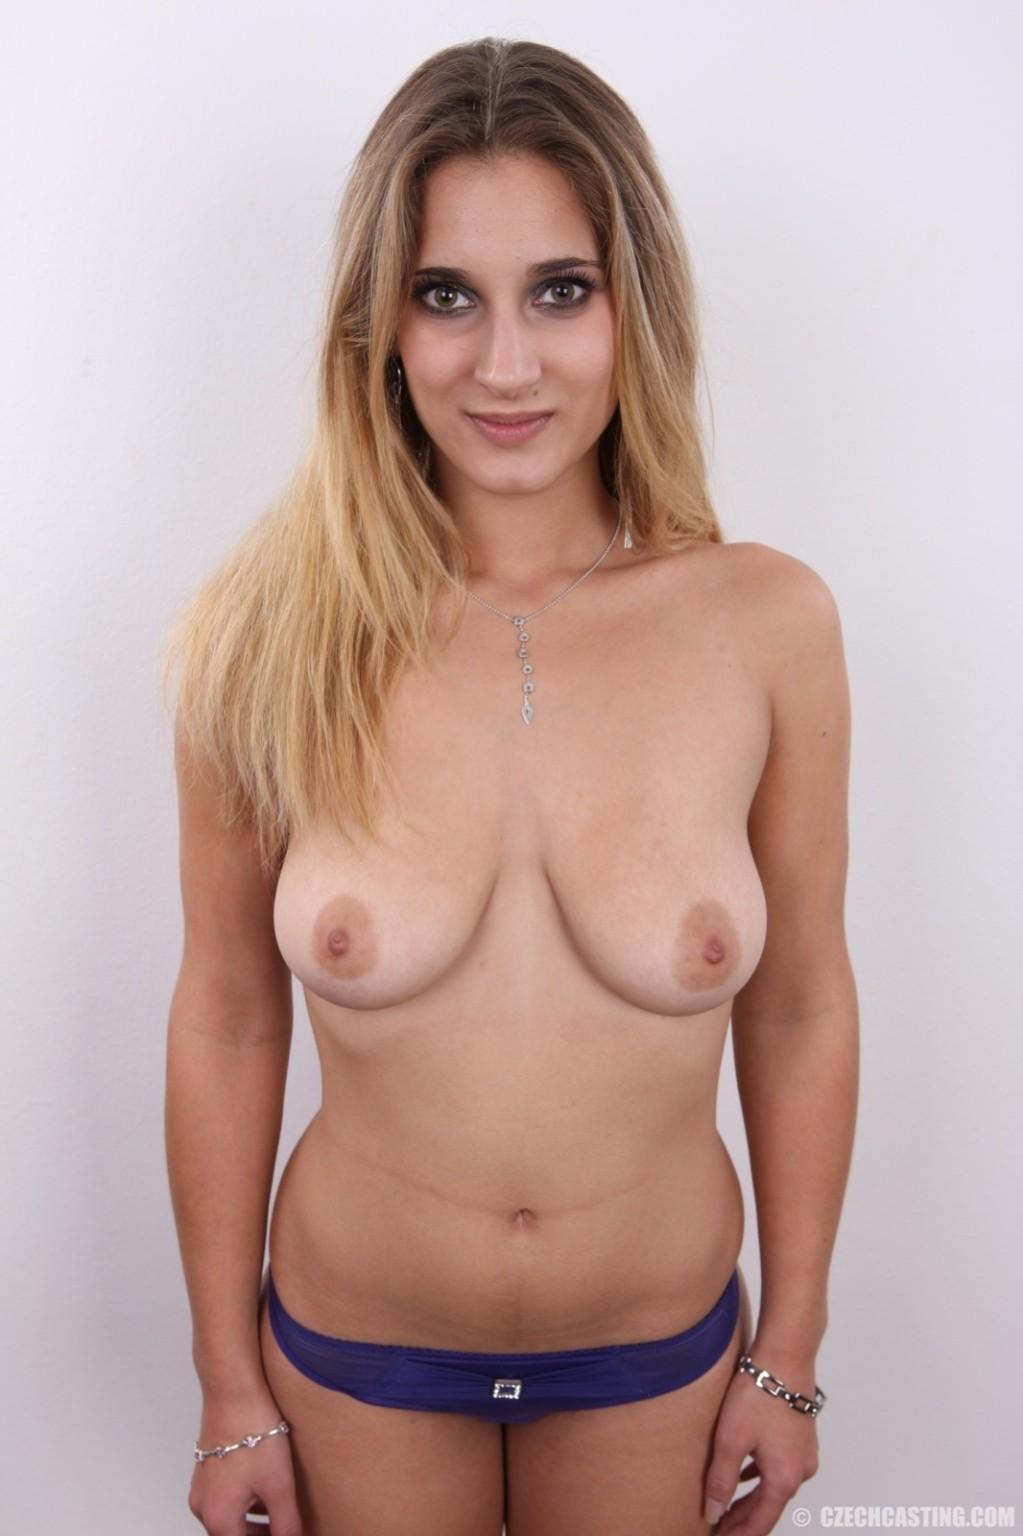 Девушка с шикарными формами пришла на фотосесию и снимает одежду